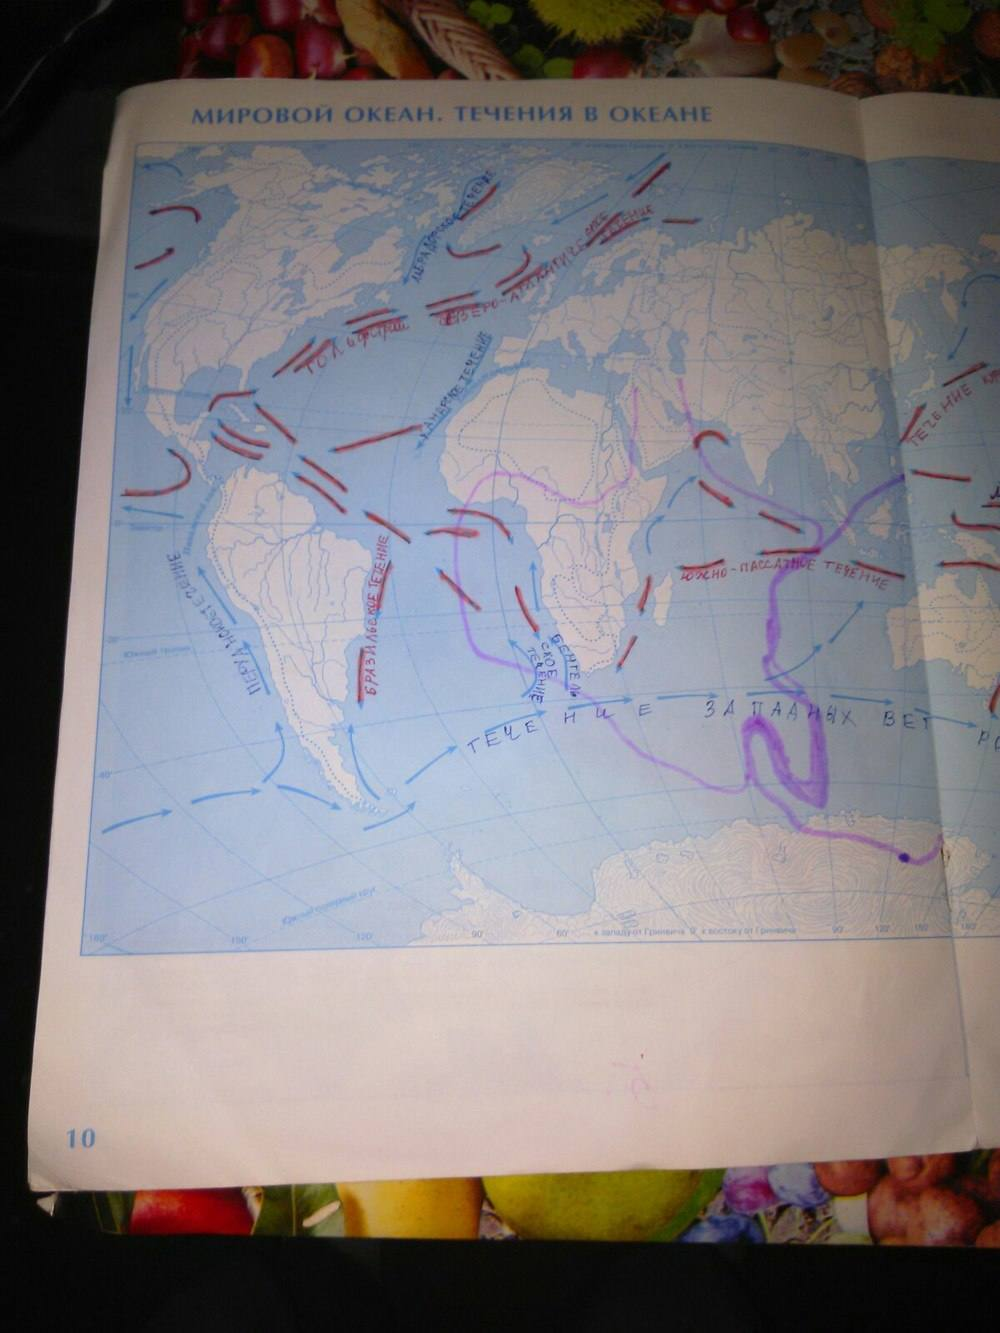 гдз по контурной карте мировой океан.течение океана 6 класс